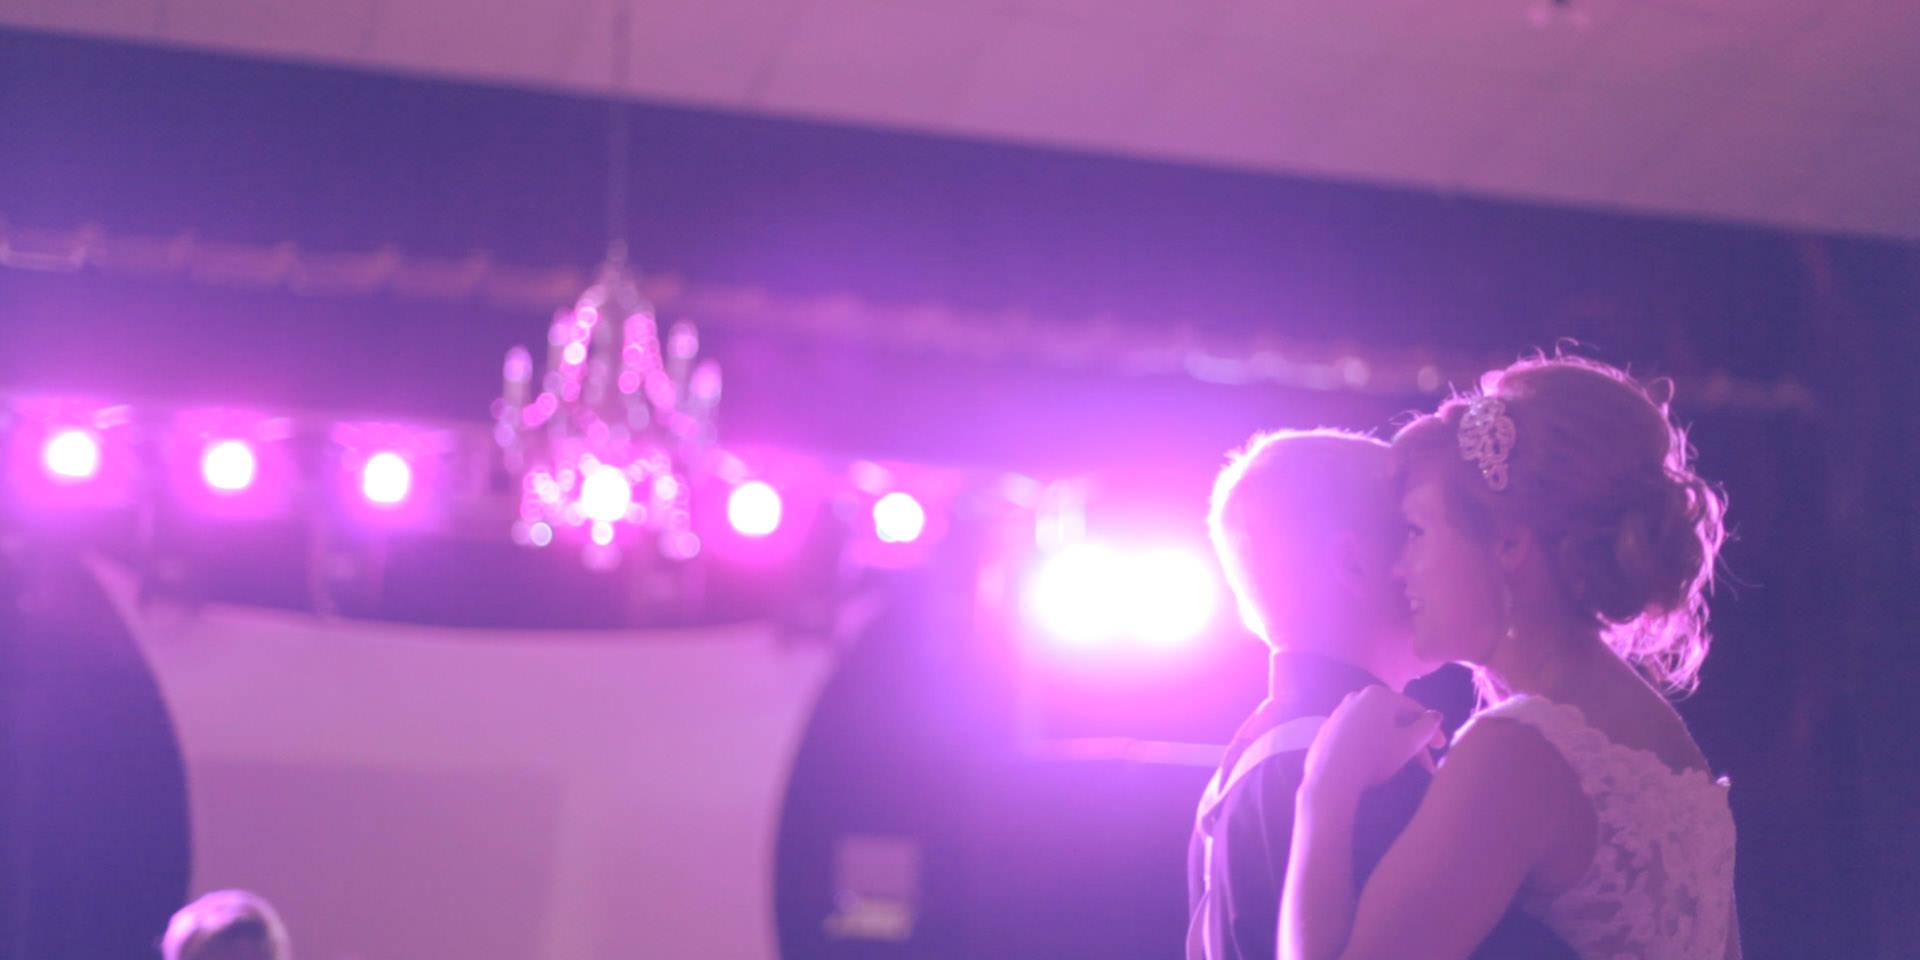 travis&katie wedding story.00_08_29_14.Still013.jpg